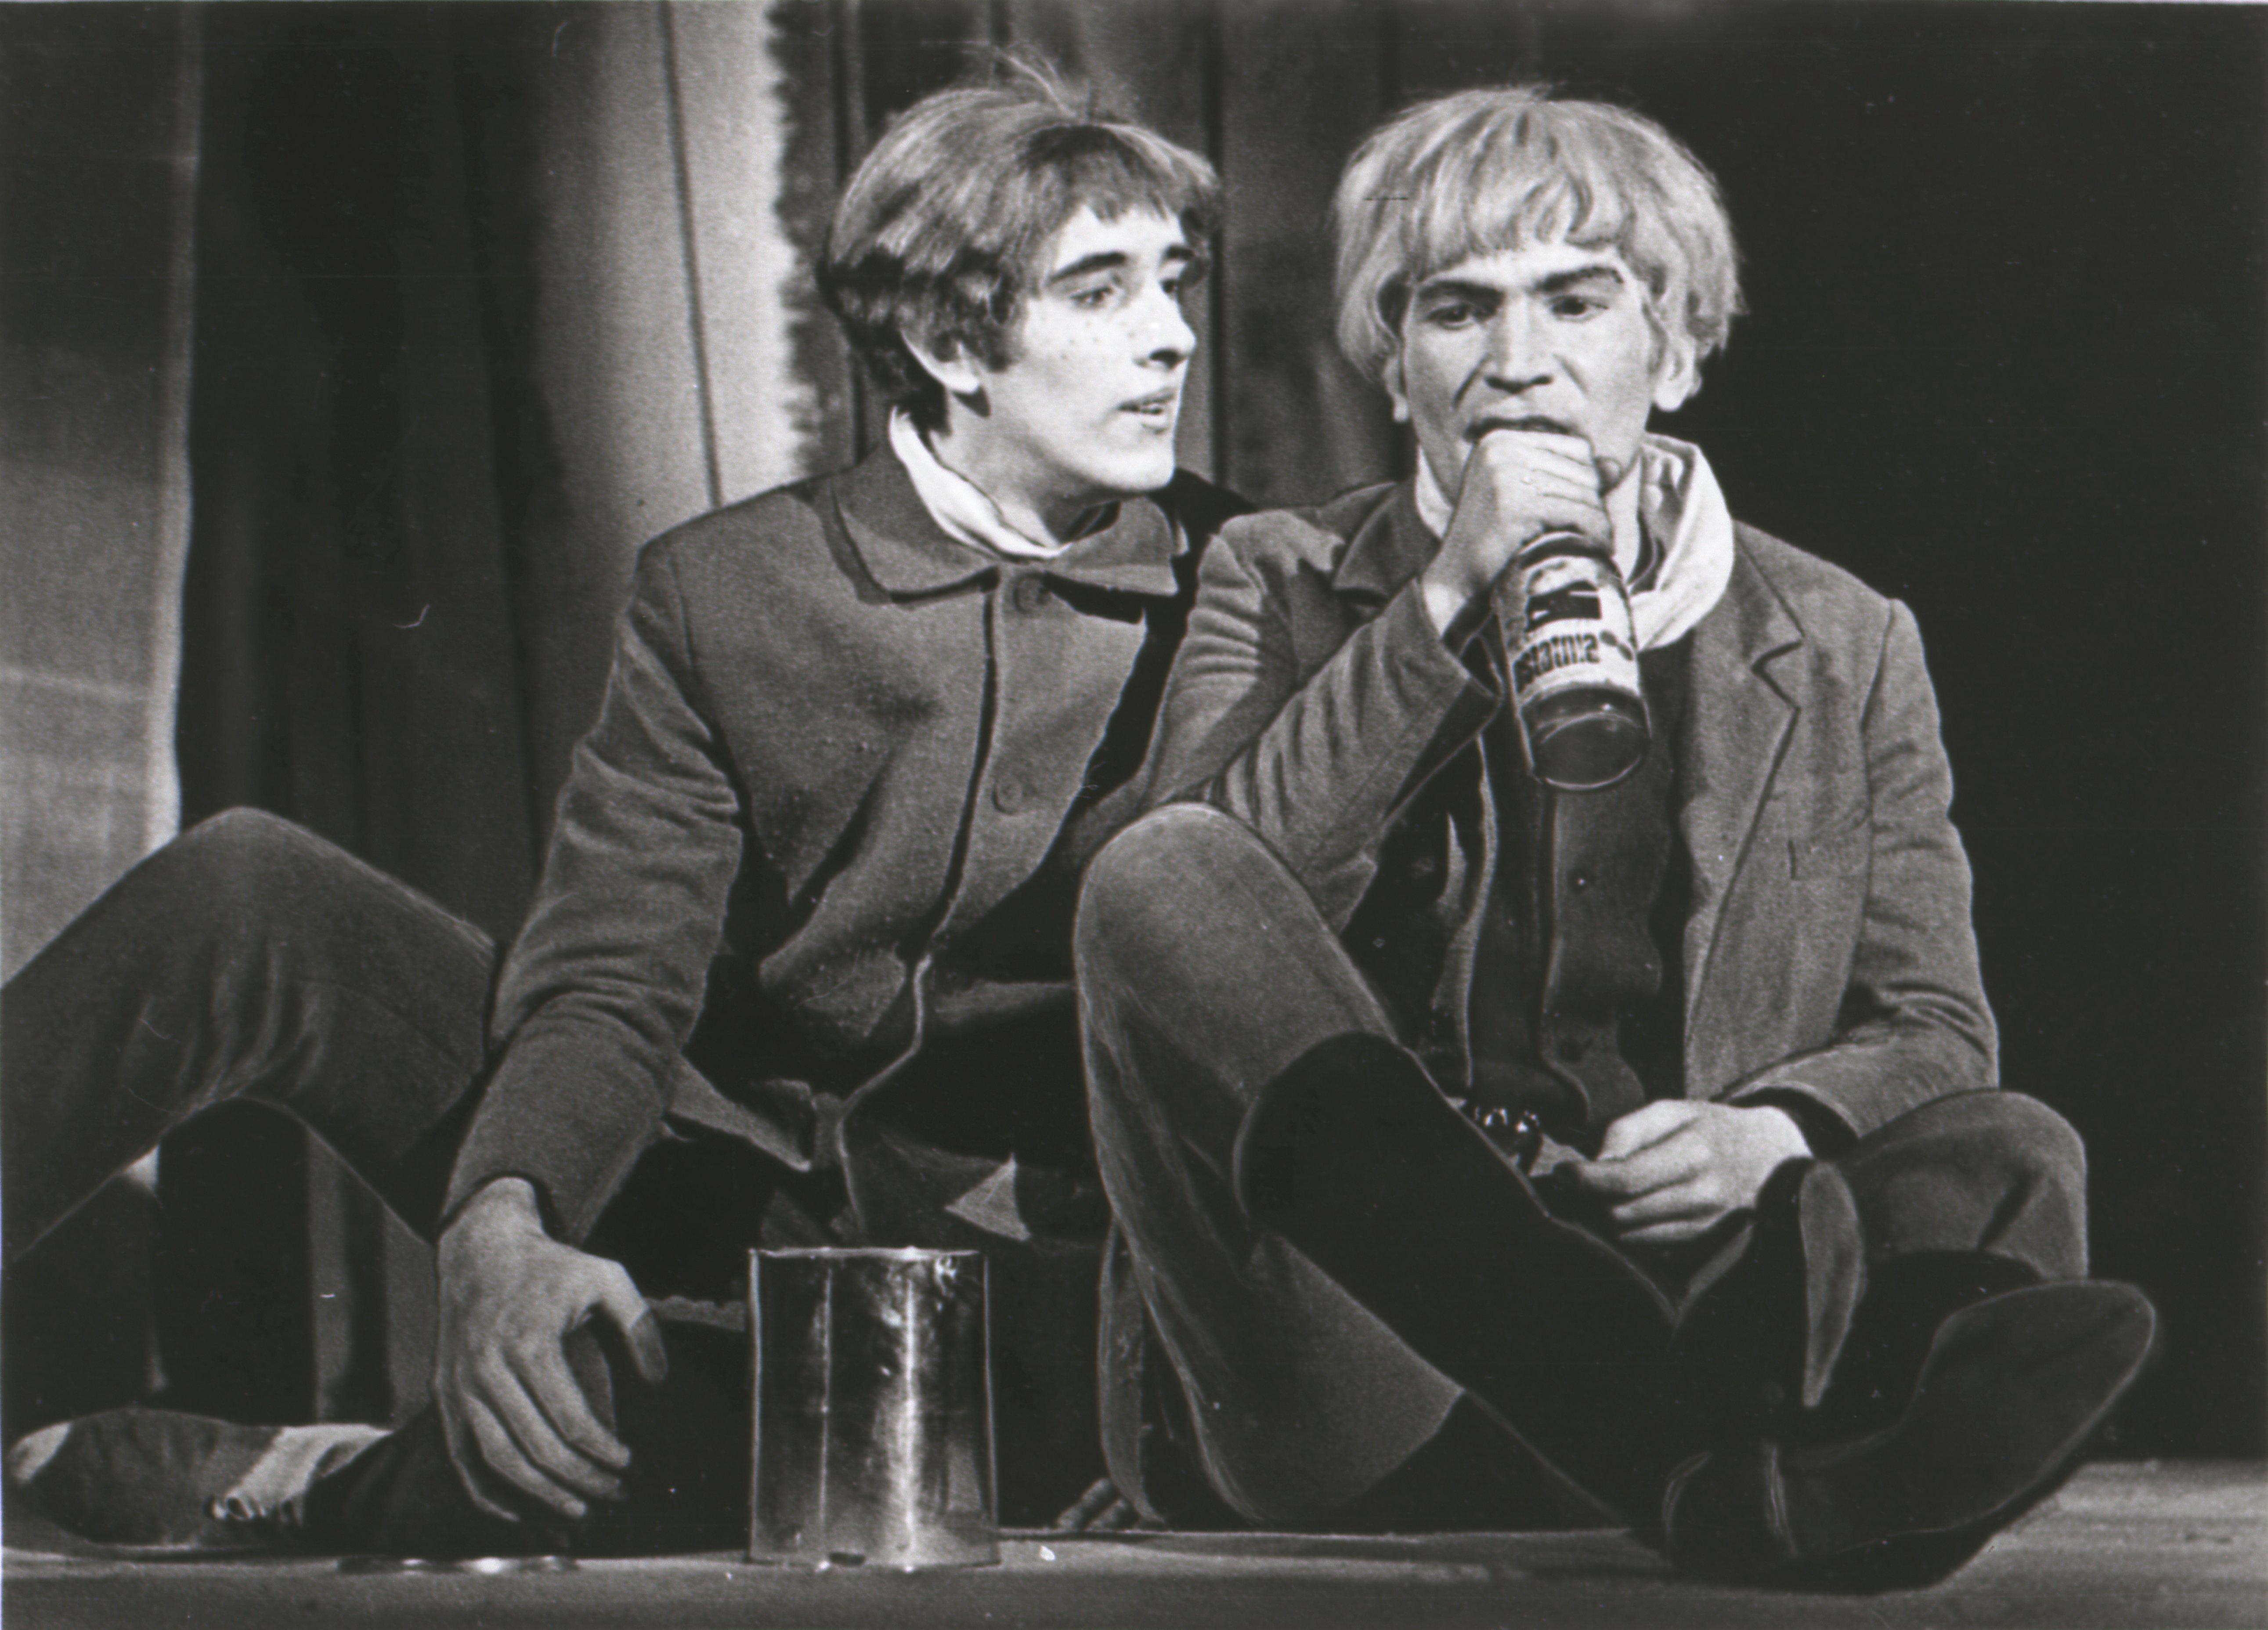 """EFA 0-80547. Lembit Ulfsak Kiirena ja Mikk Mikiver Tootsina O. Lutsu """"Kevade"""" dramatiseeringus Noorsooteatris. Foto: Gunnar Vaidla, 1969"""